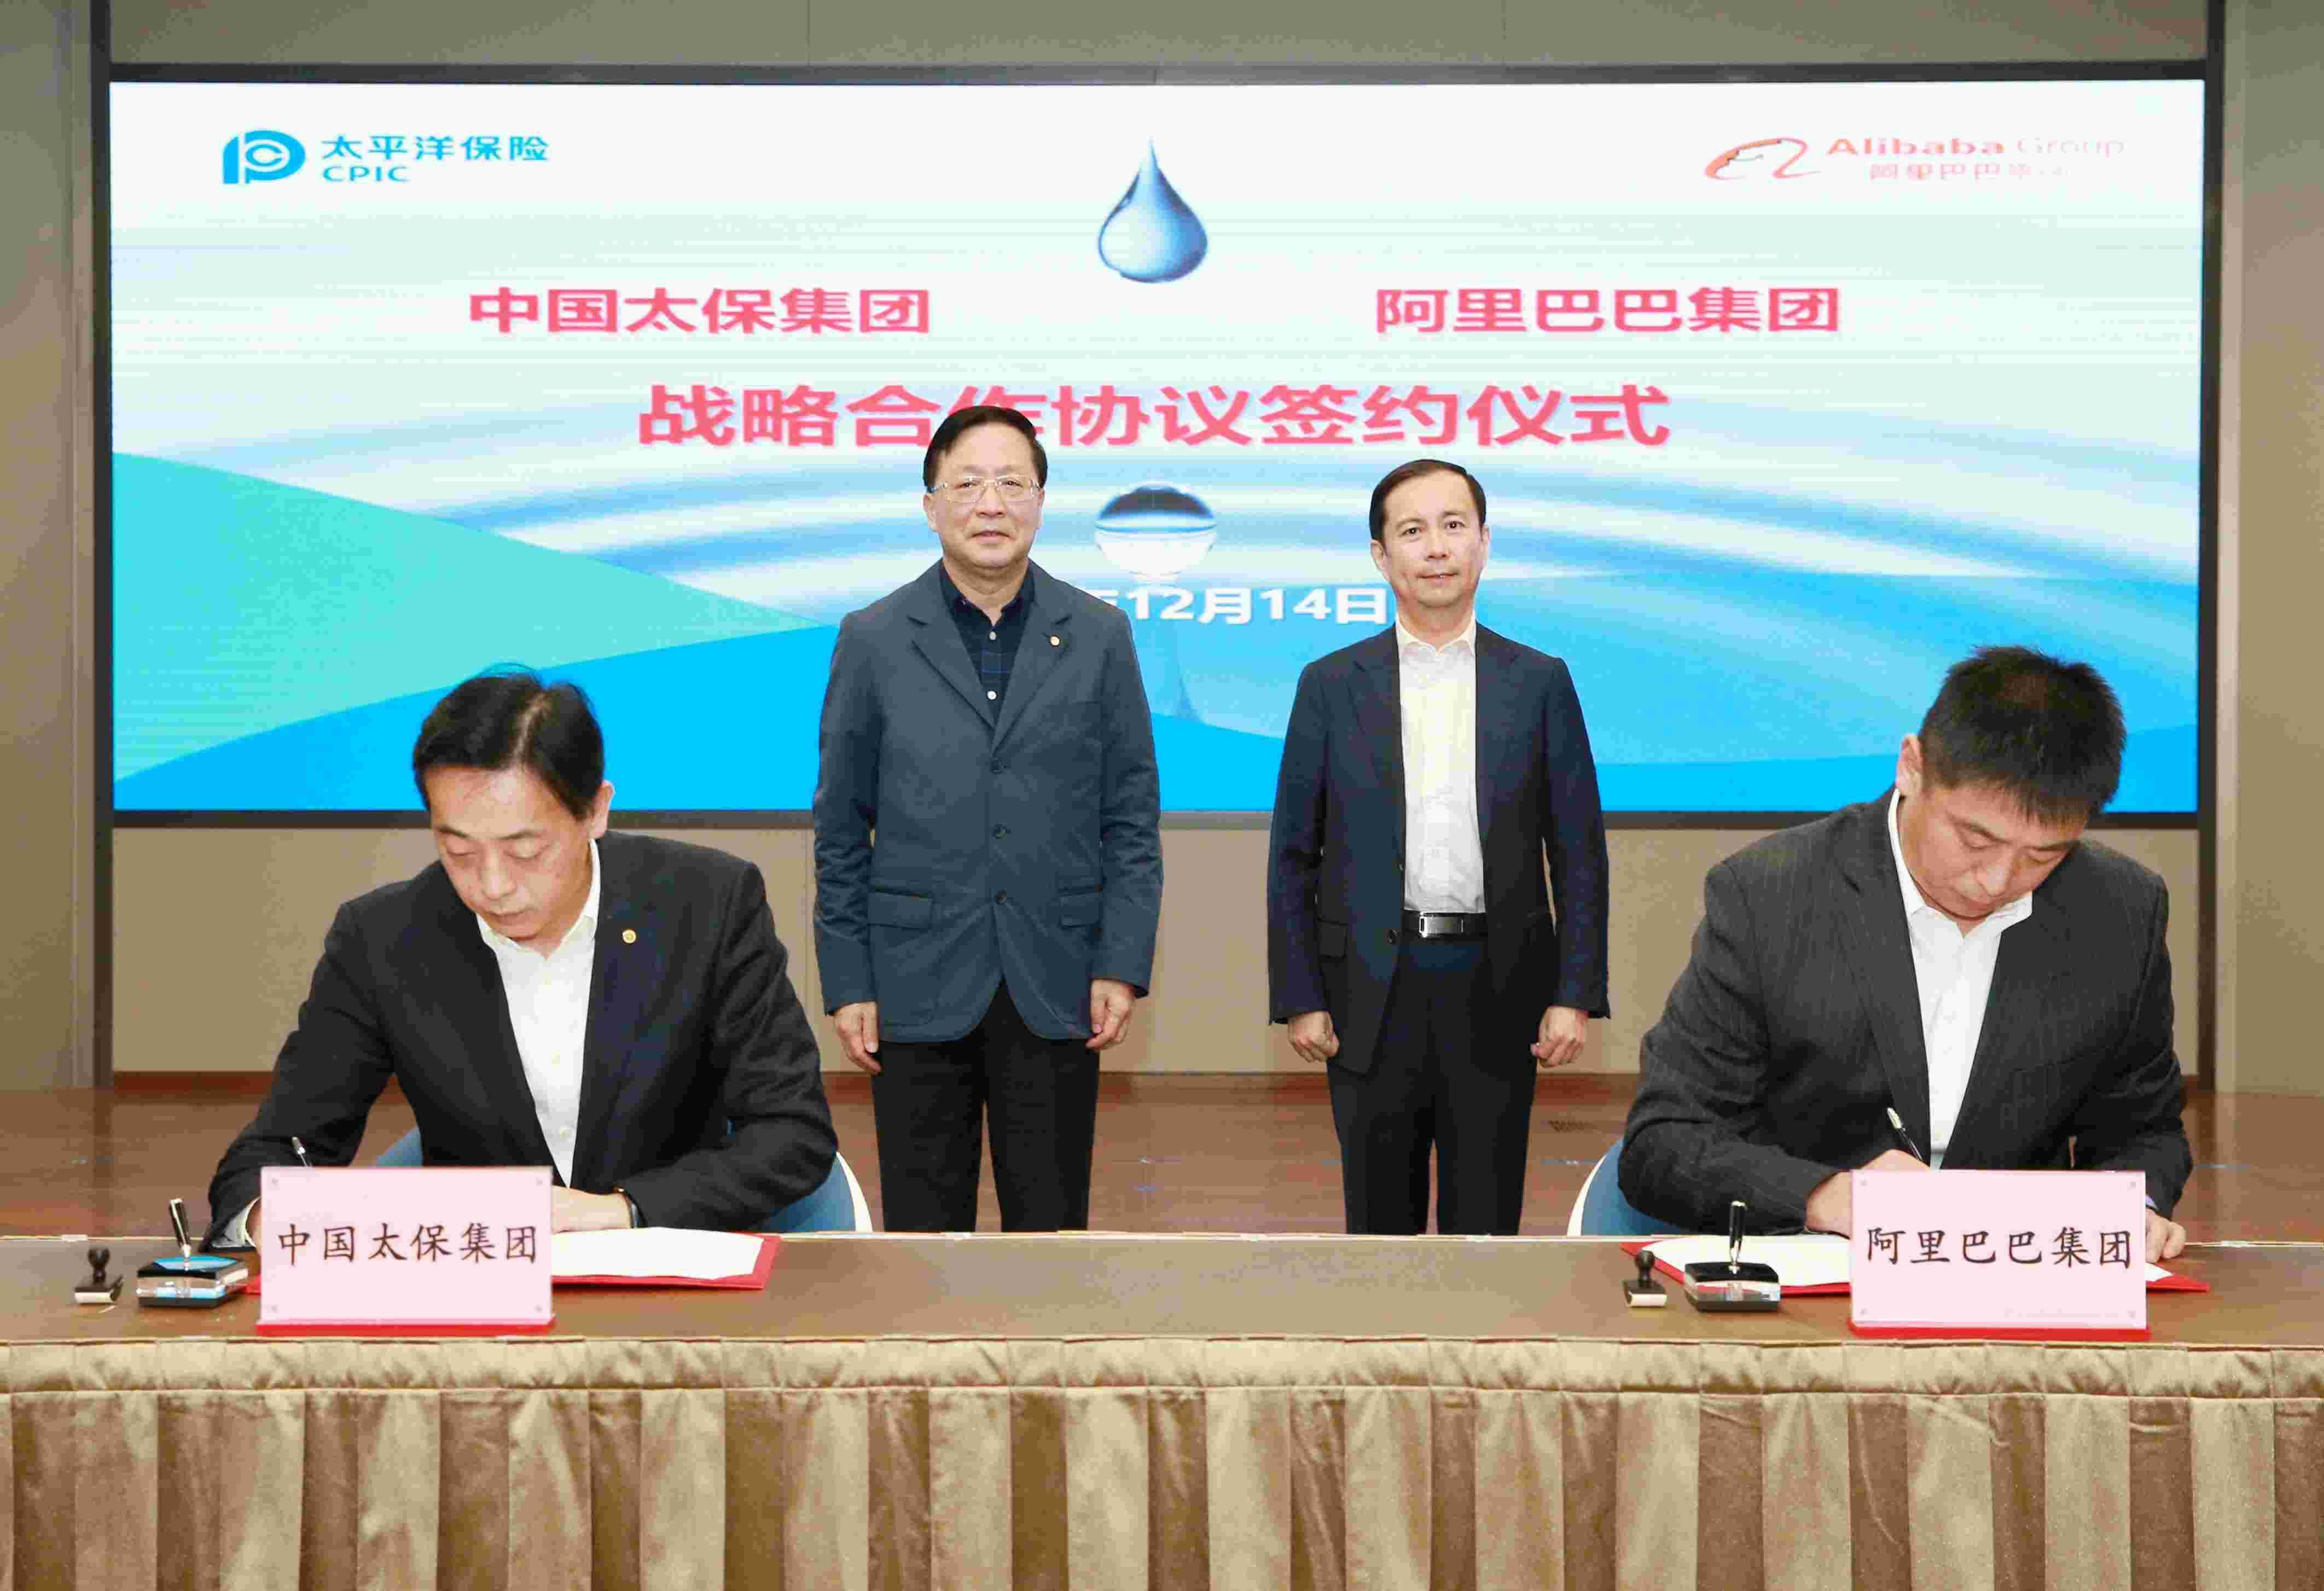 加快新一代数据重建中国太平洋保险与阿里签署全面战略合作协议